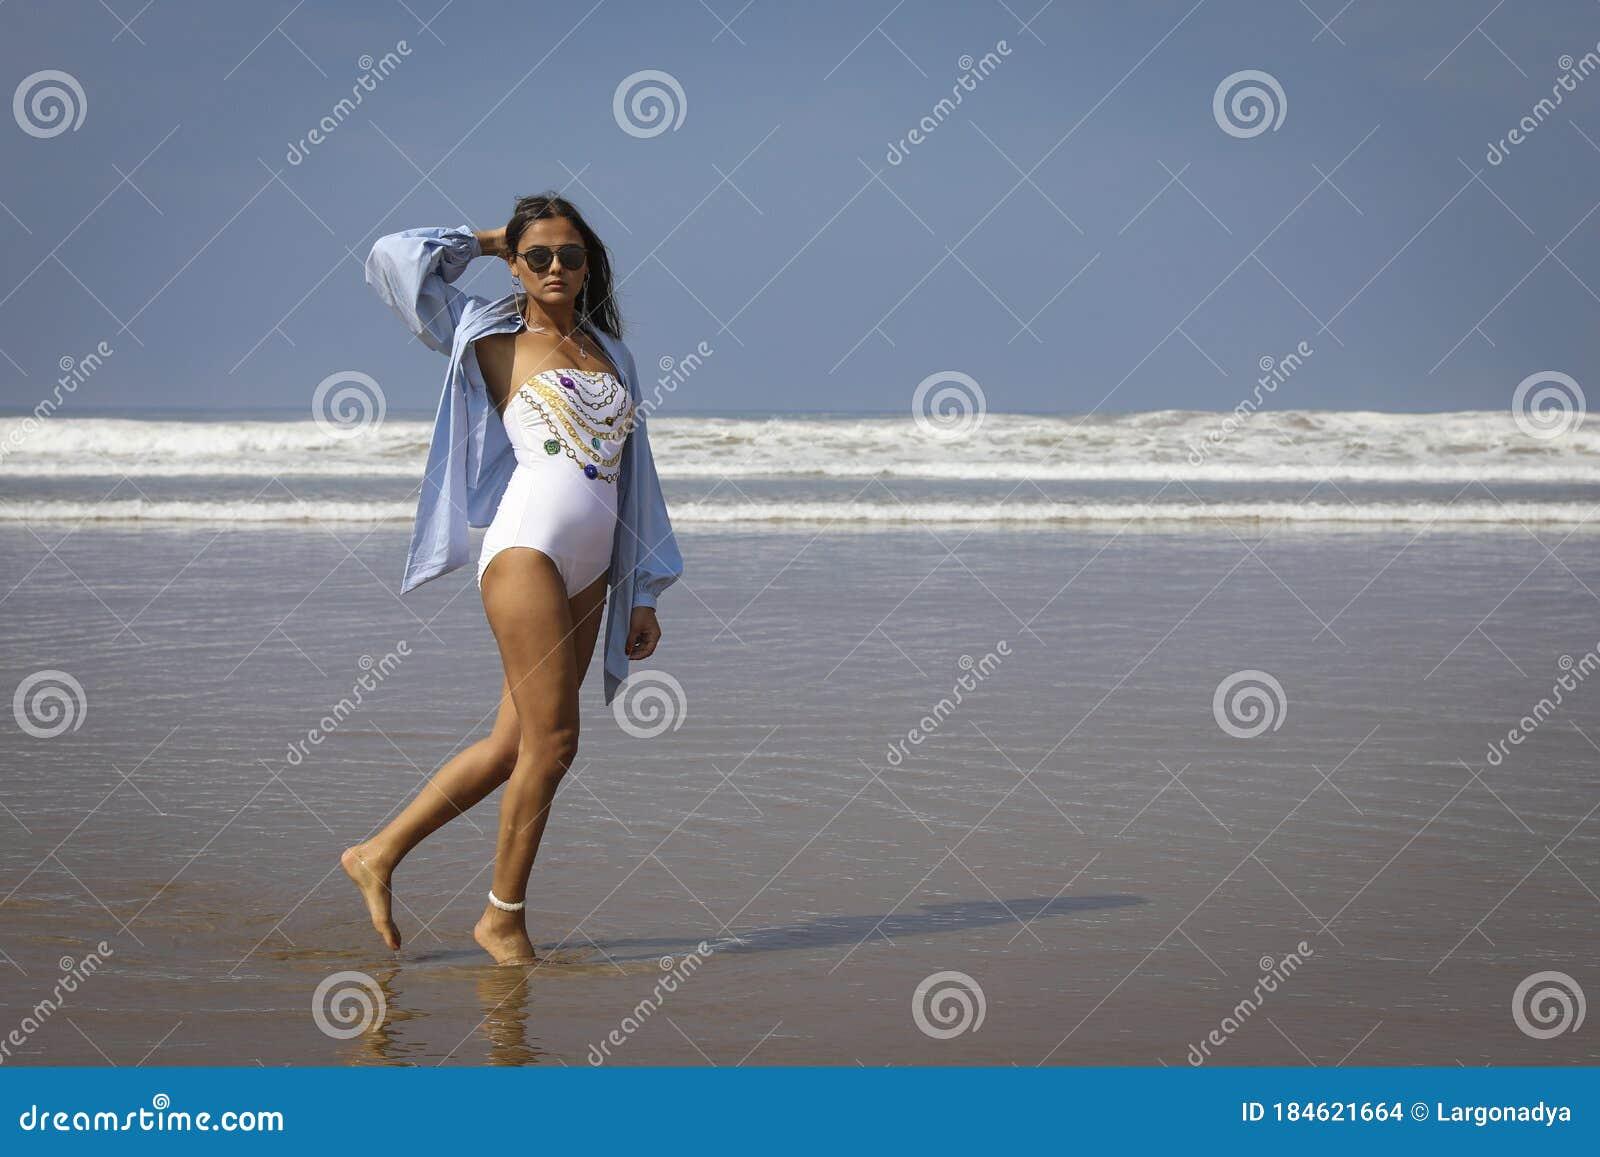 Tropical love   Бикини девушки, Канны, Пунта-кана